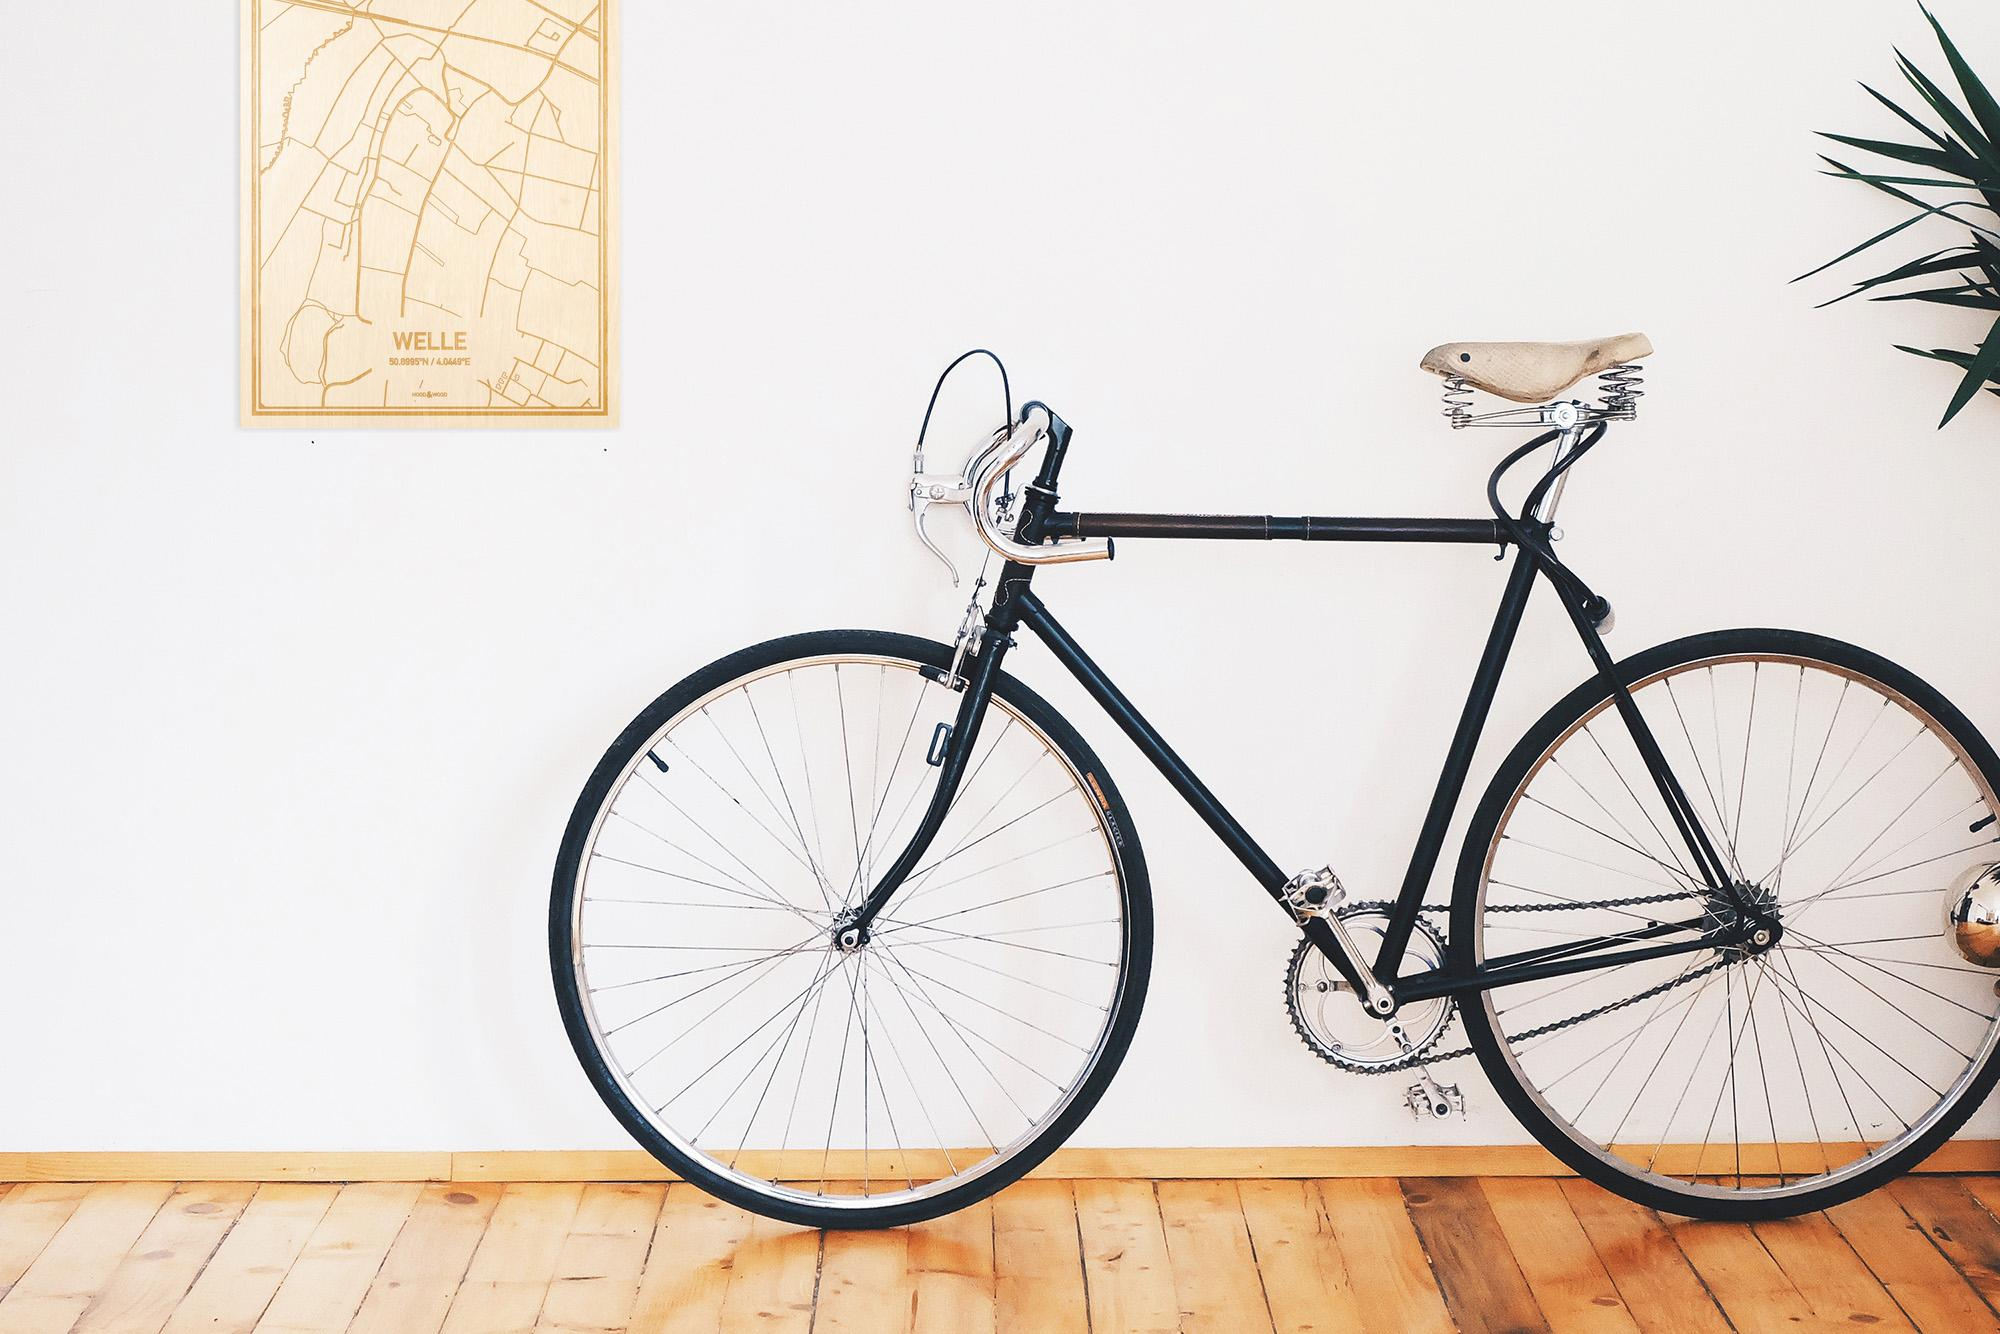 Een snelle fiets in een uniek interieur in Oost-Vlaanderen  met mooie decoratie zoals de plattegrond Welle.